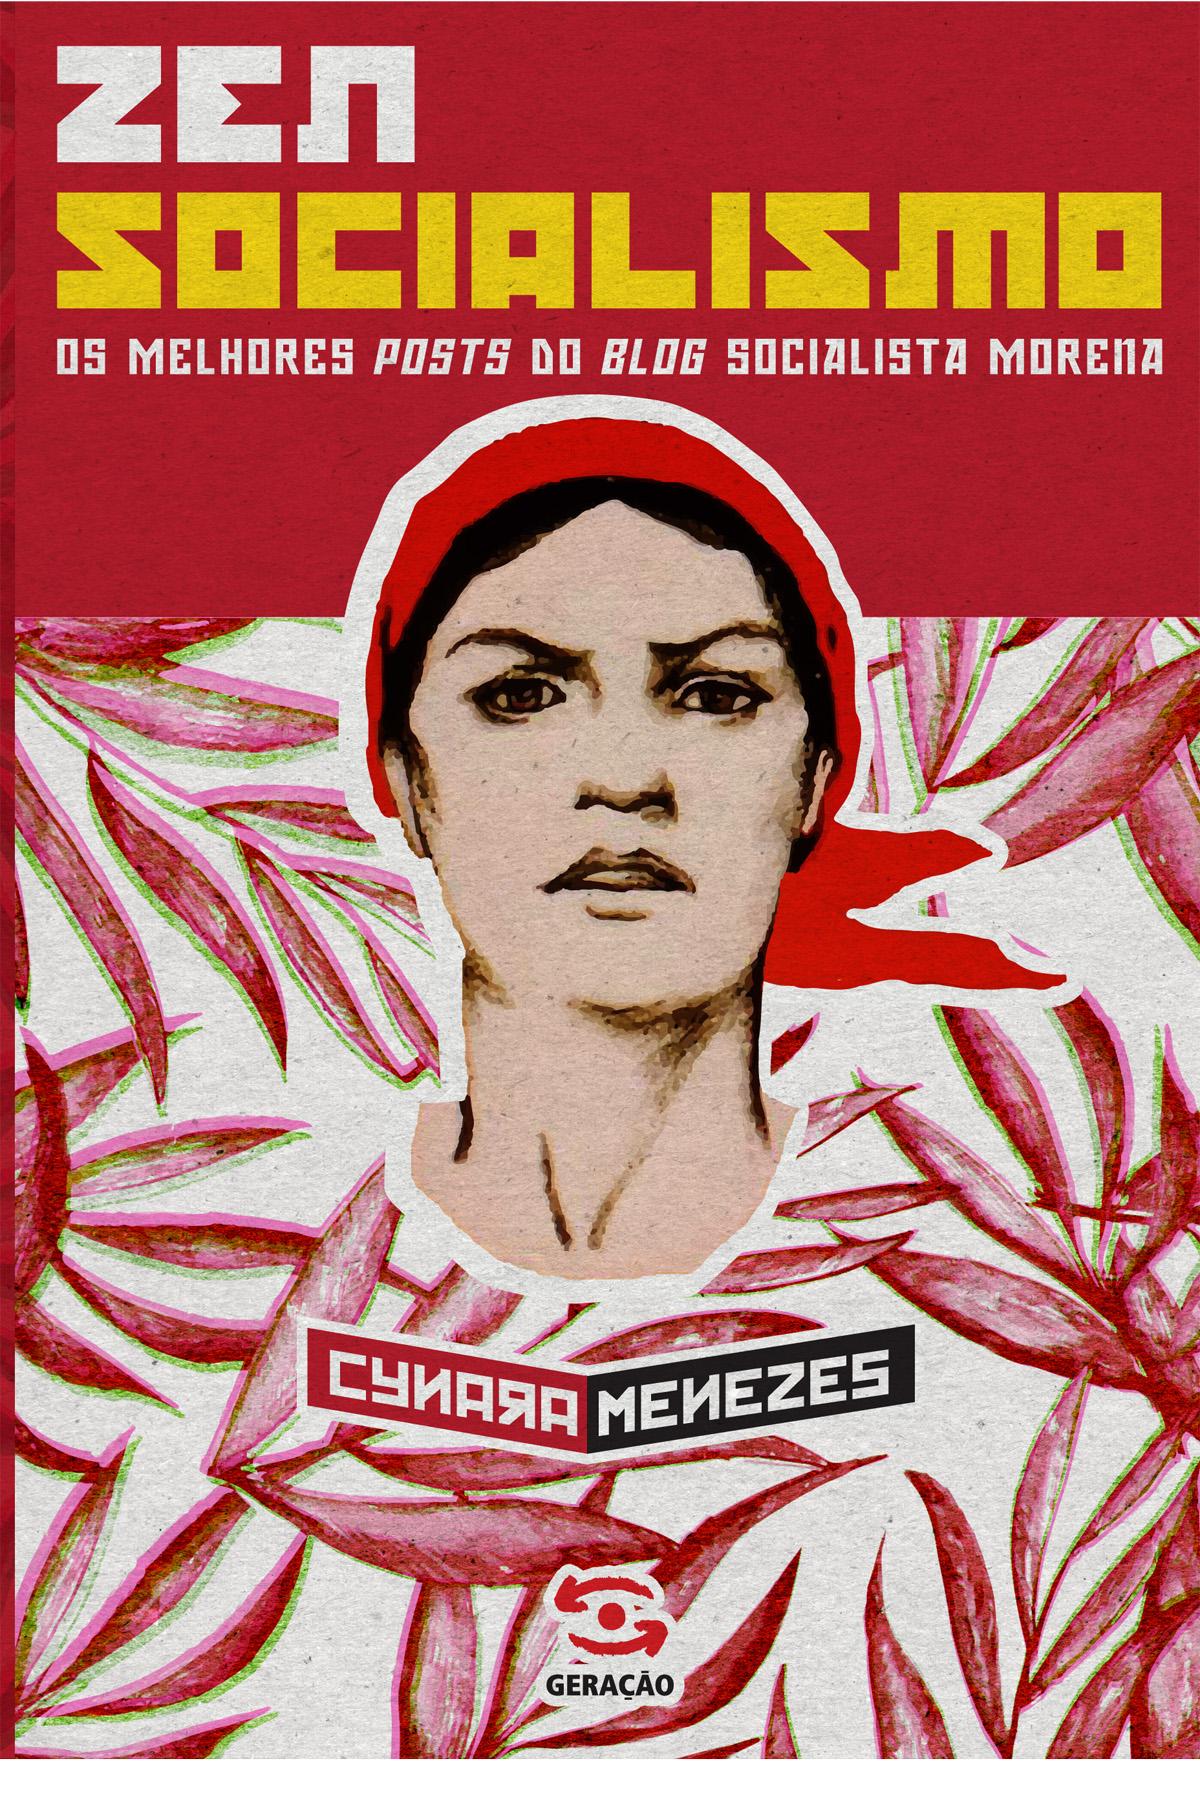 Zen Socialismo: Os Melhores Posts do Blog Socialista Morena, livro de Cynara Menezes